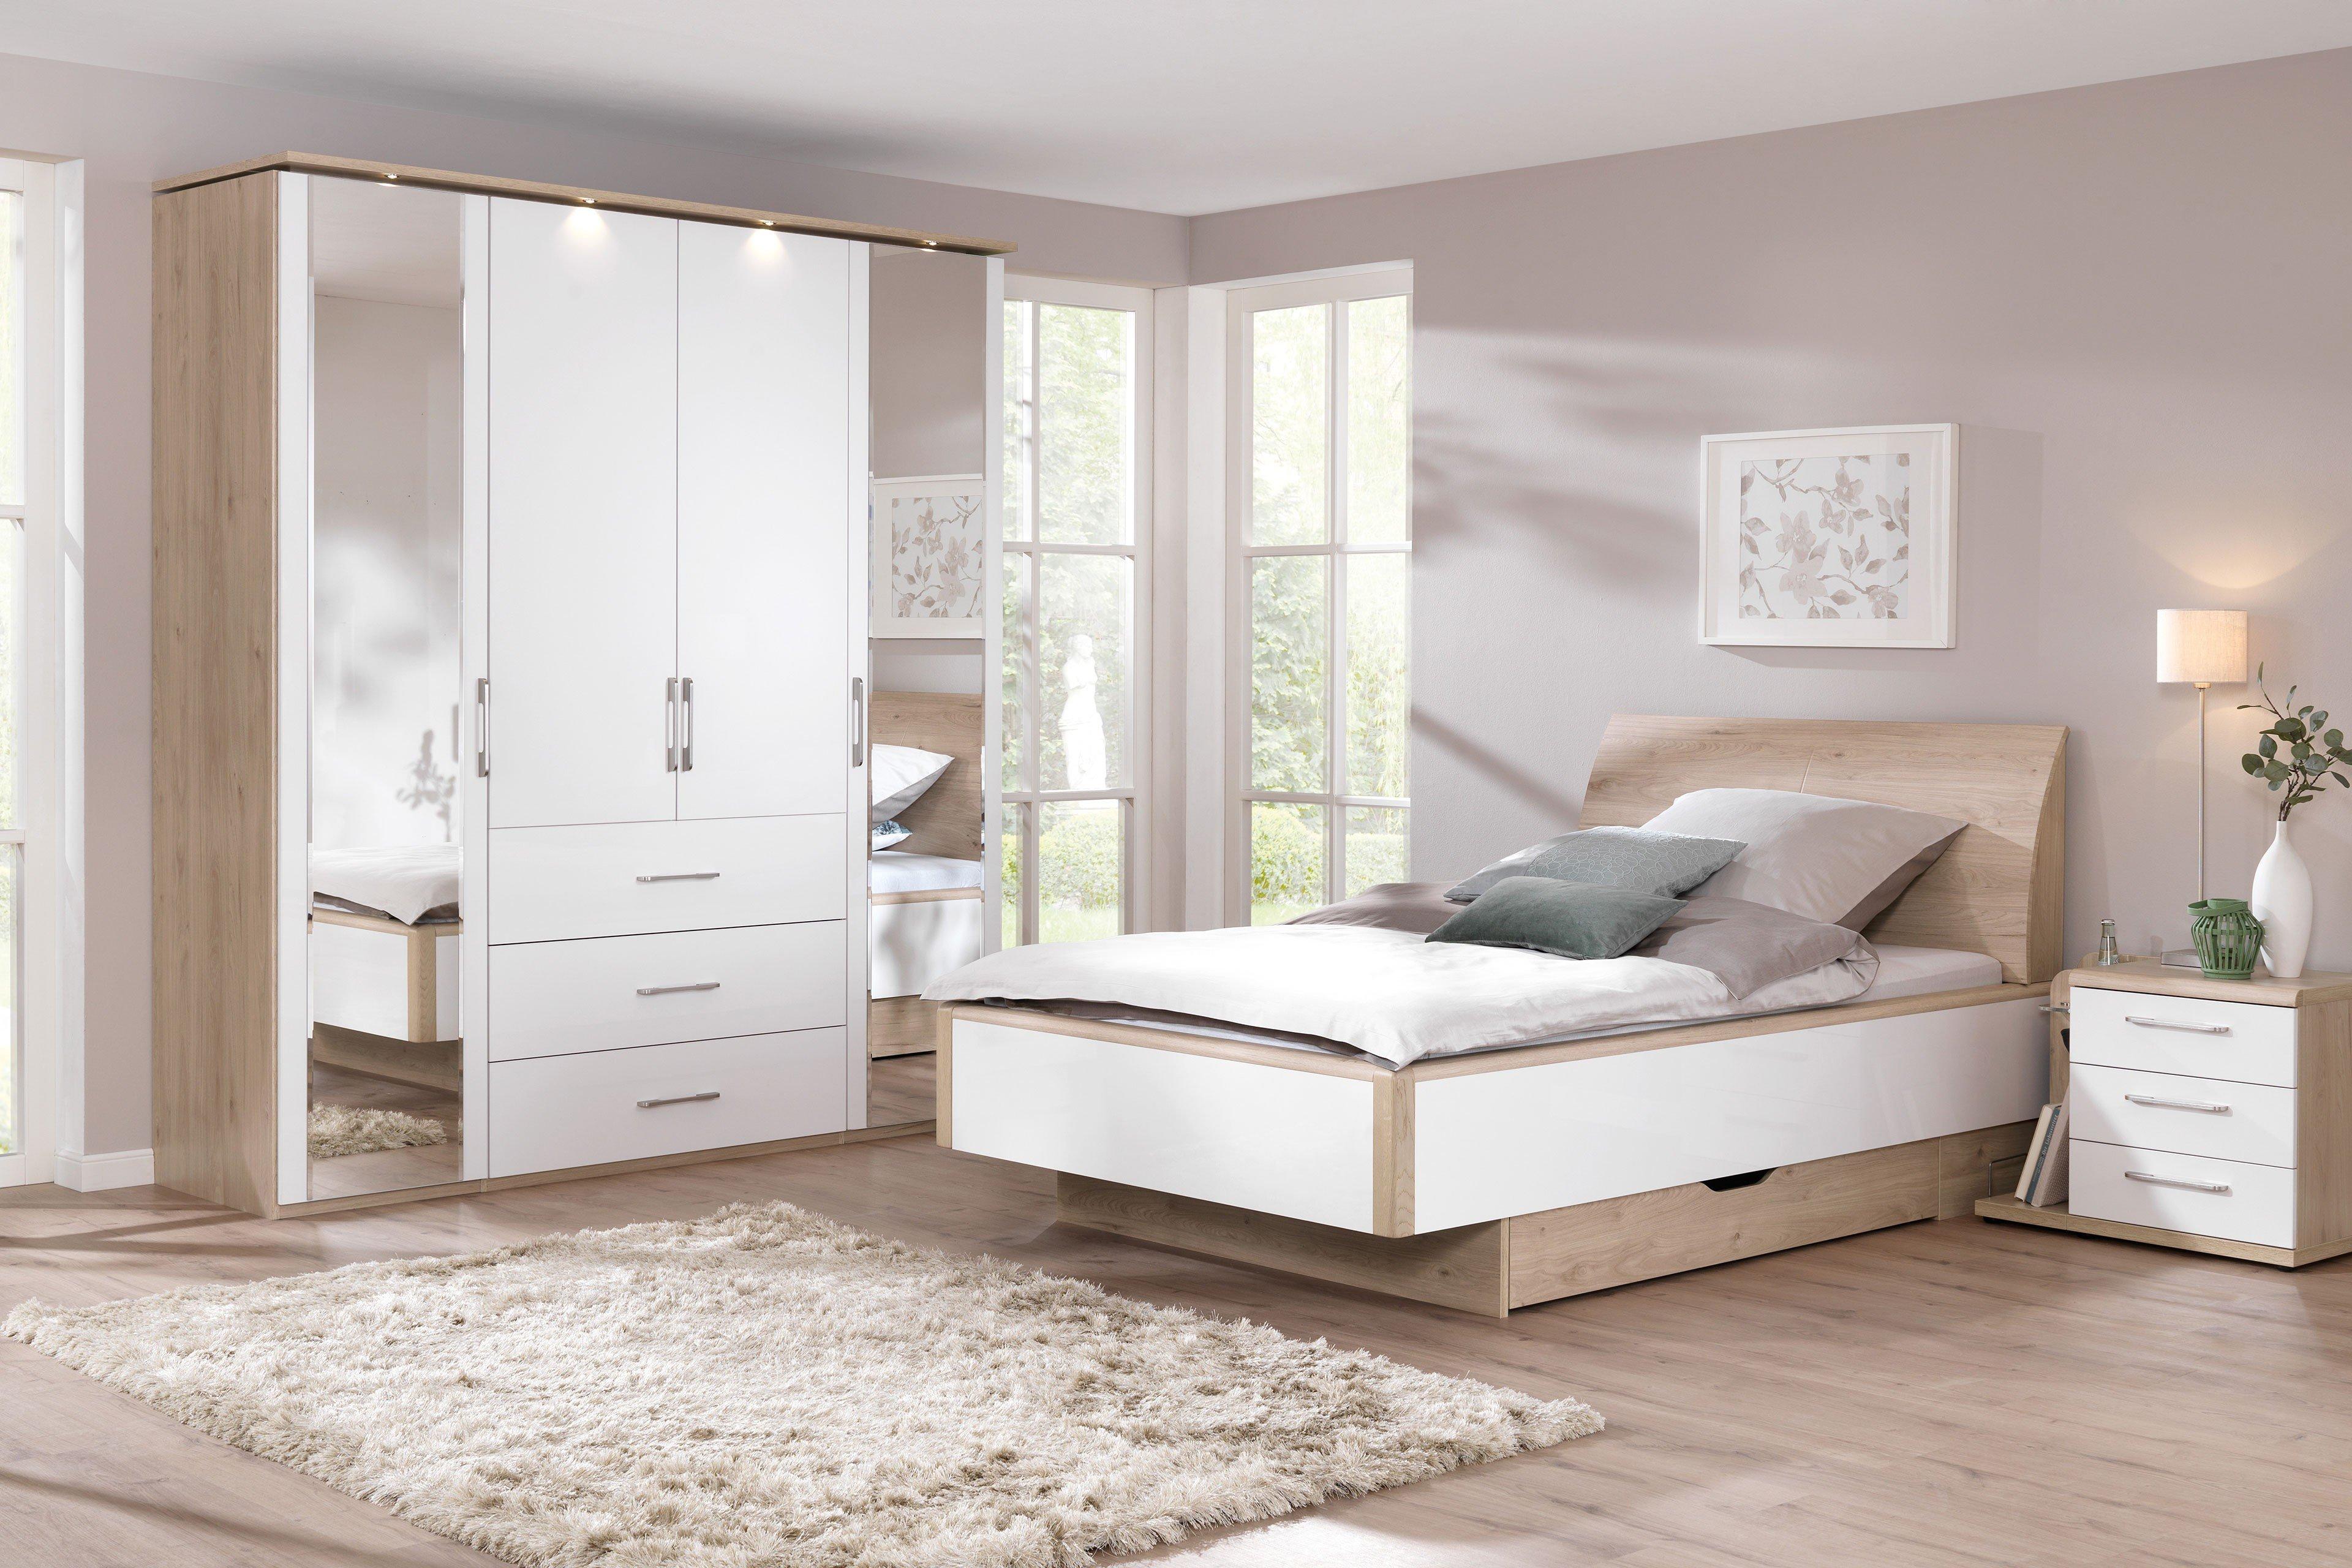 Welle 3-teiliges Komfort-Schlafzimmer Ageless Living | Möbel Letz ...